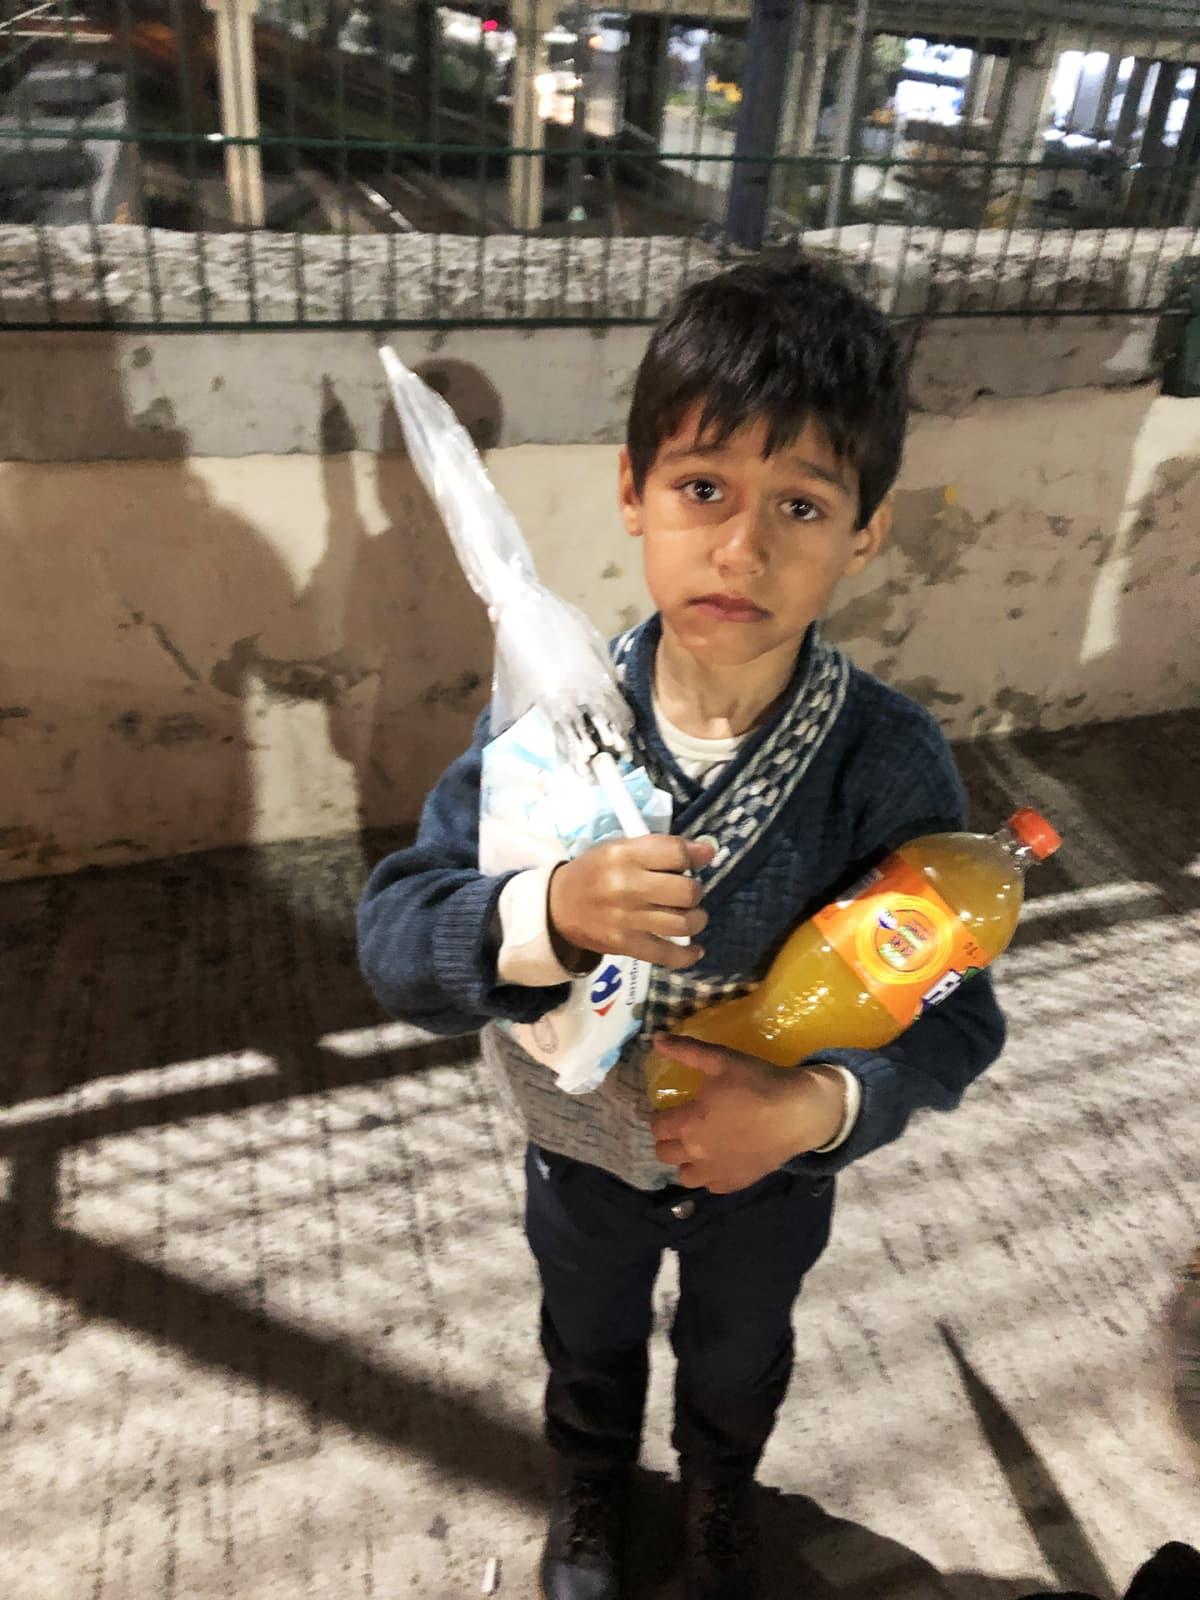 Poika pitelee limsapulloa ja ruokatarvikkeita.